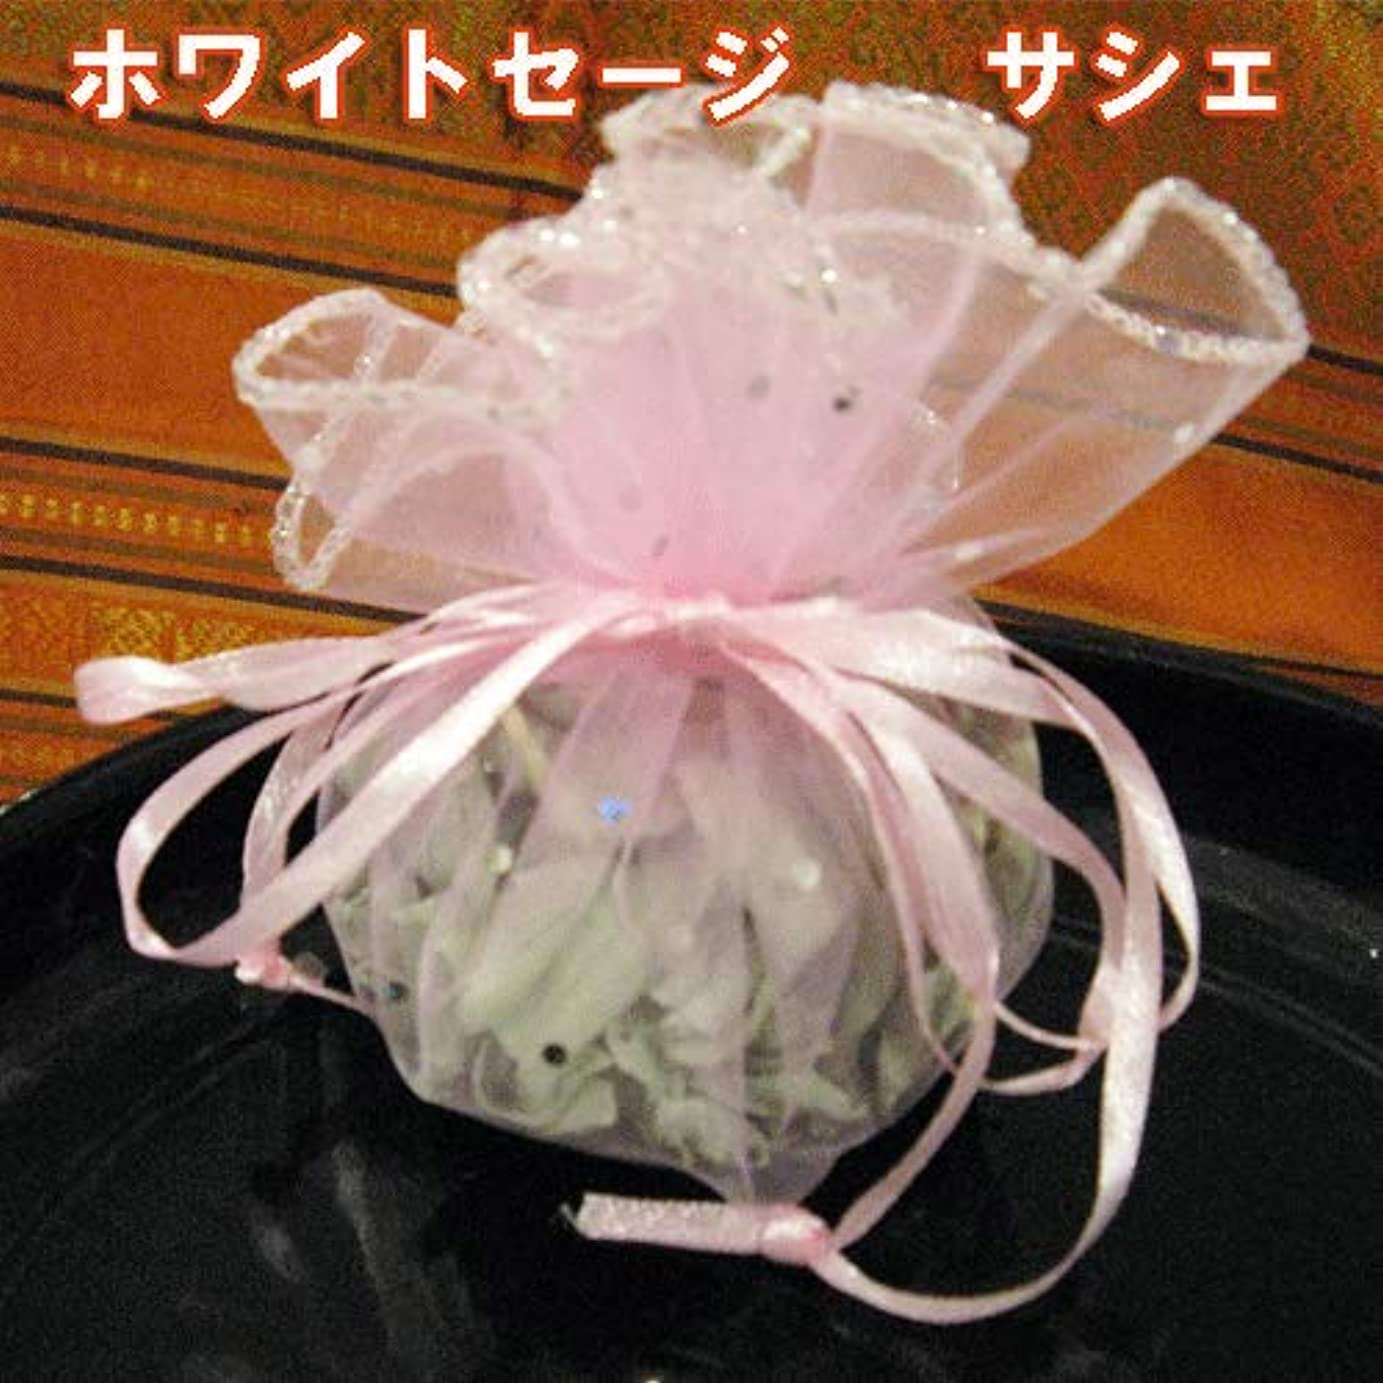 フォーク哀れな成長するホワイトセージ サシェ オーガンジー袋入り 約10g